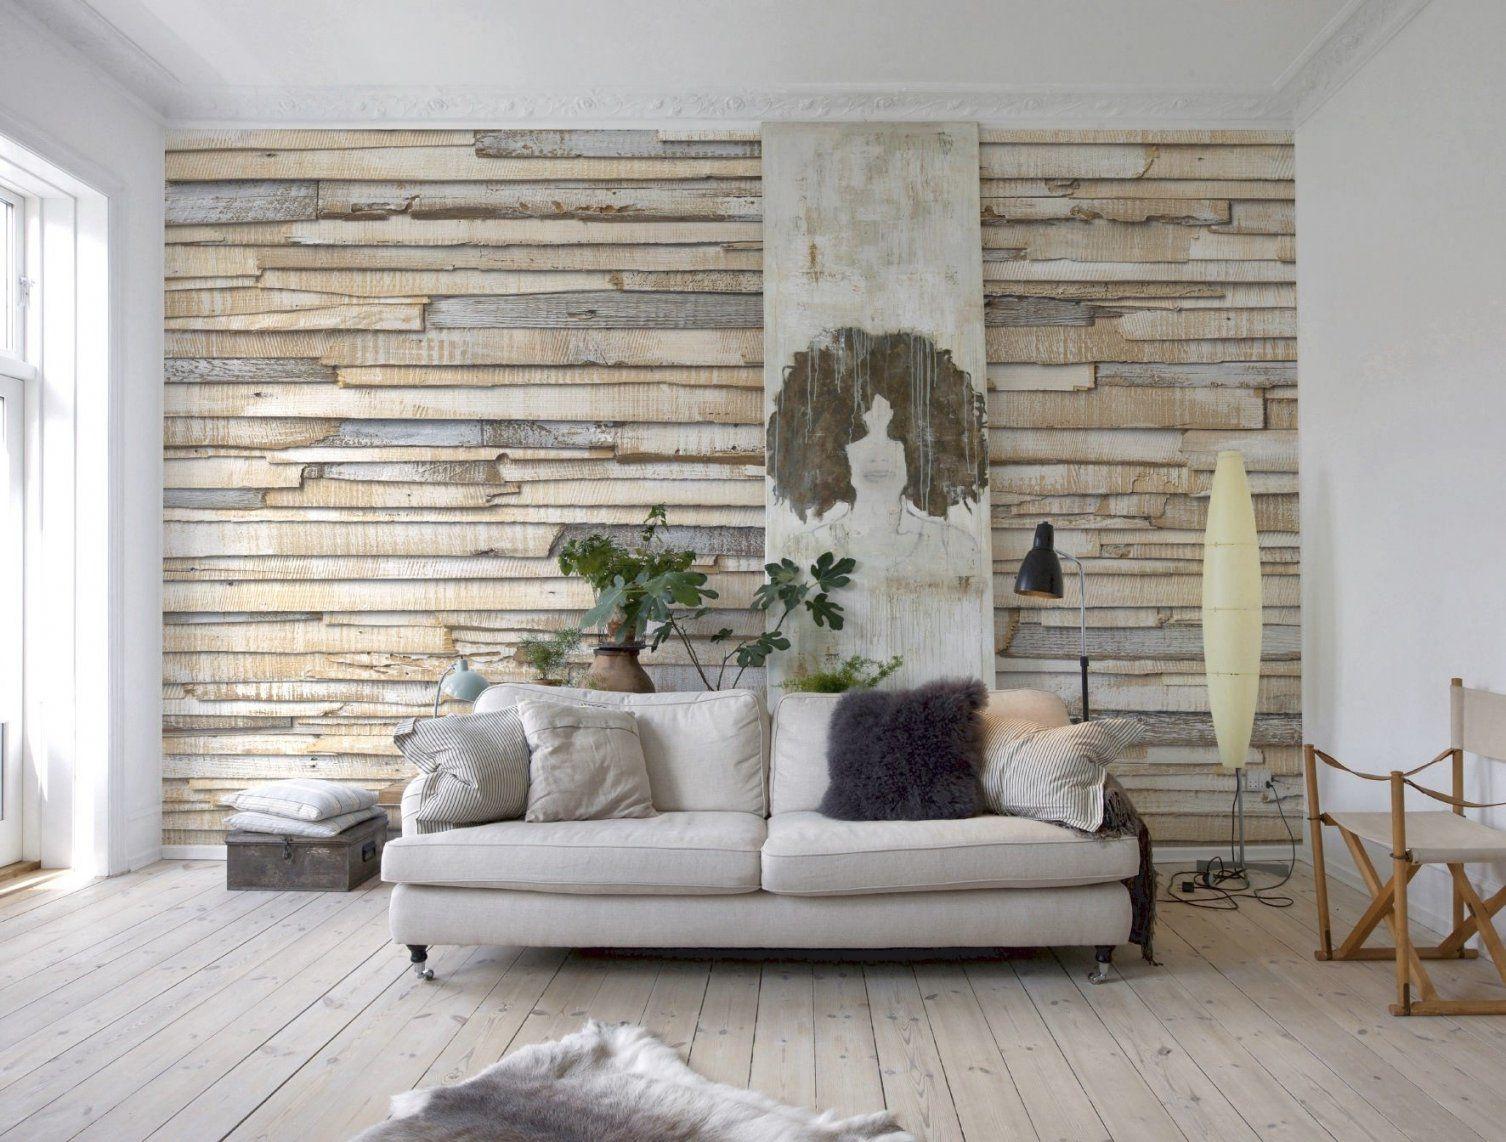 Tapeten Fur Wohnzimmer Beispiele Tapeten Ideen Wohnzimmer – Haus Design von Tapeten Ideen Fürs Wohnzimmer Bild